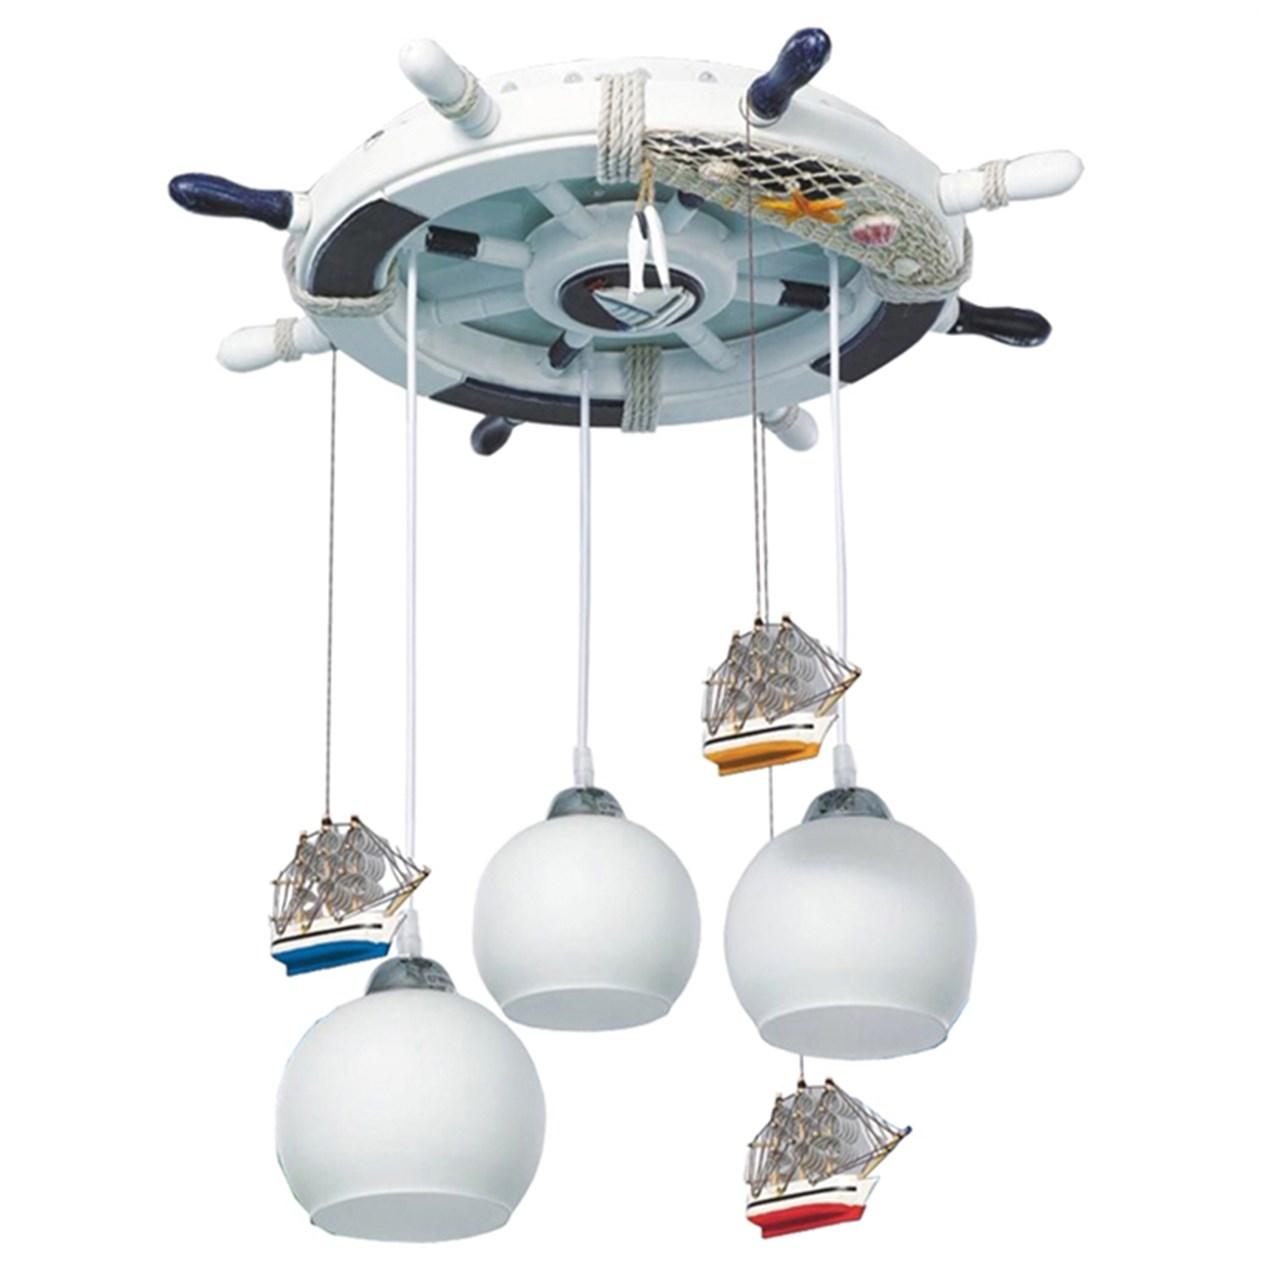 لوستر کودک ویتالایتینگ مدل سکان کشتی